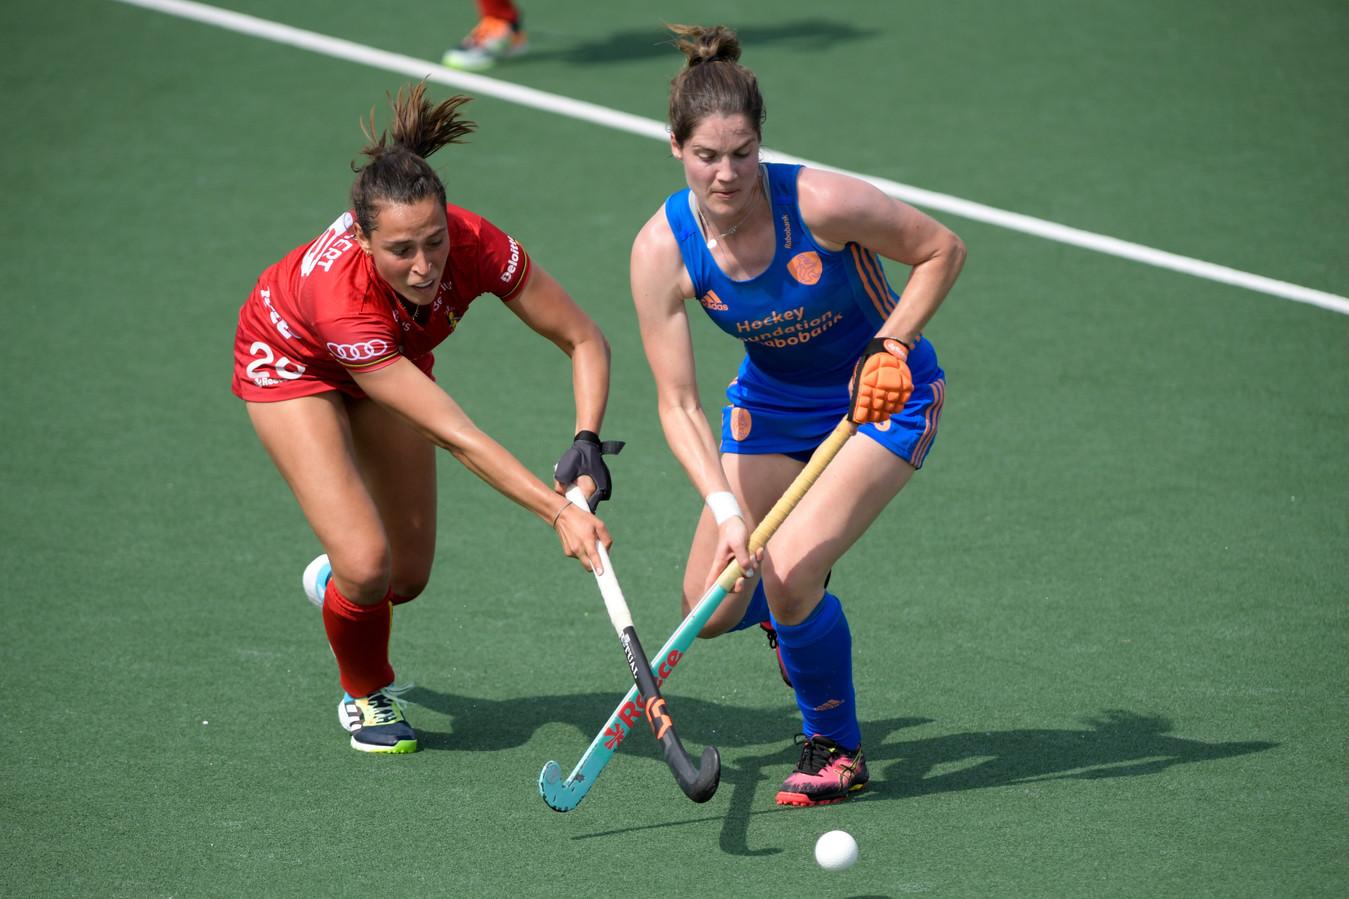 Lien Hillewaert gaat fel in duel tegen Nederland. Zondag speelt ze met de Panthers om brons tegen Spanje.